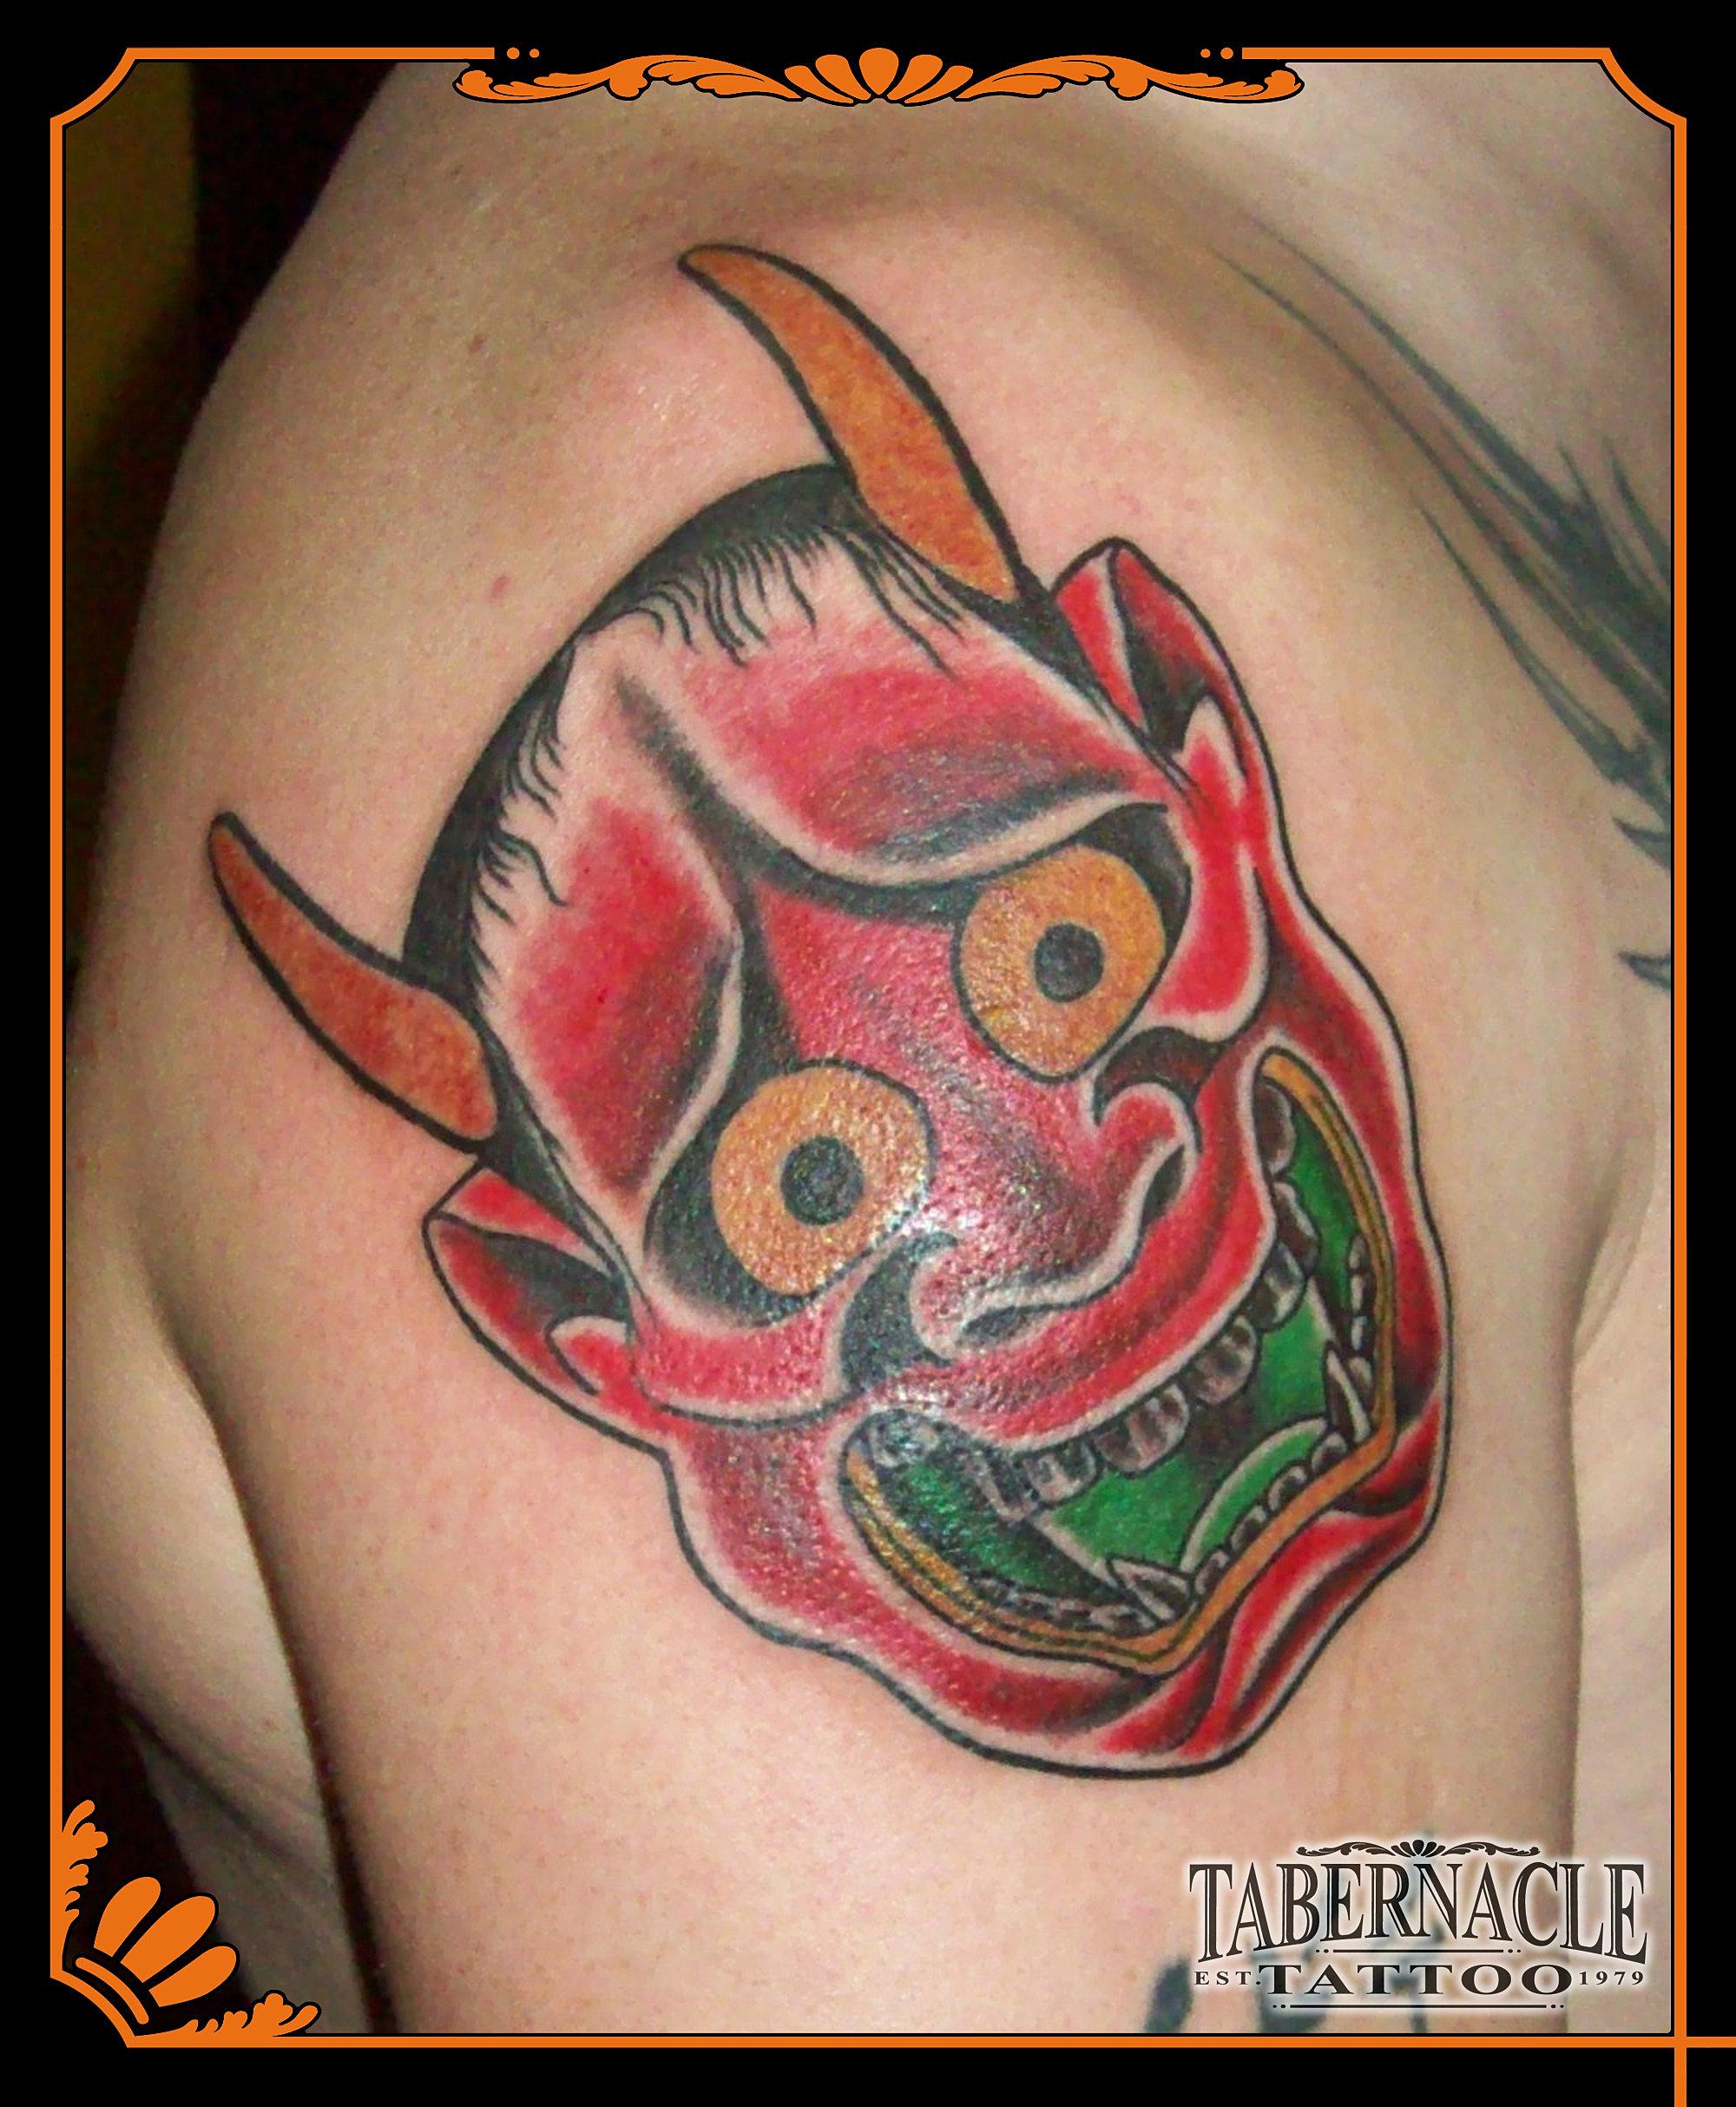 Tabernacle tattoo tampa hanya mask tattoo for Tattoo shops in ybor